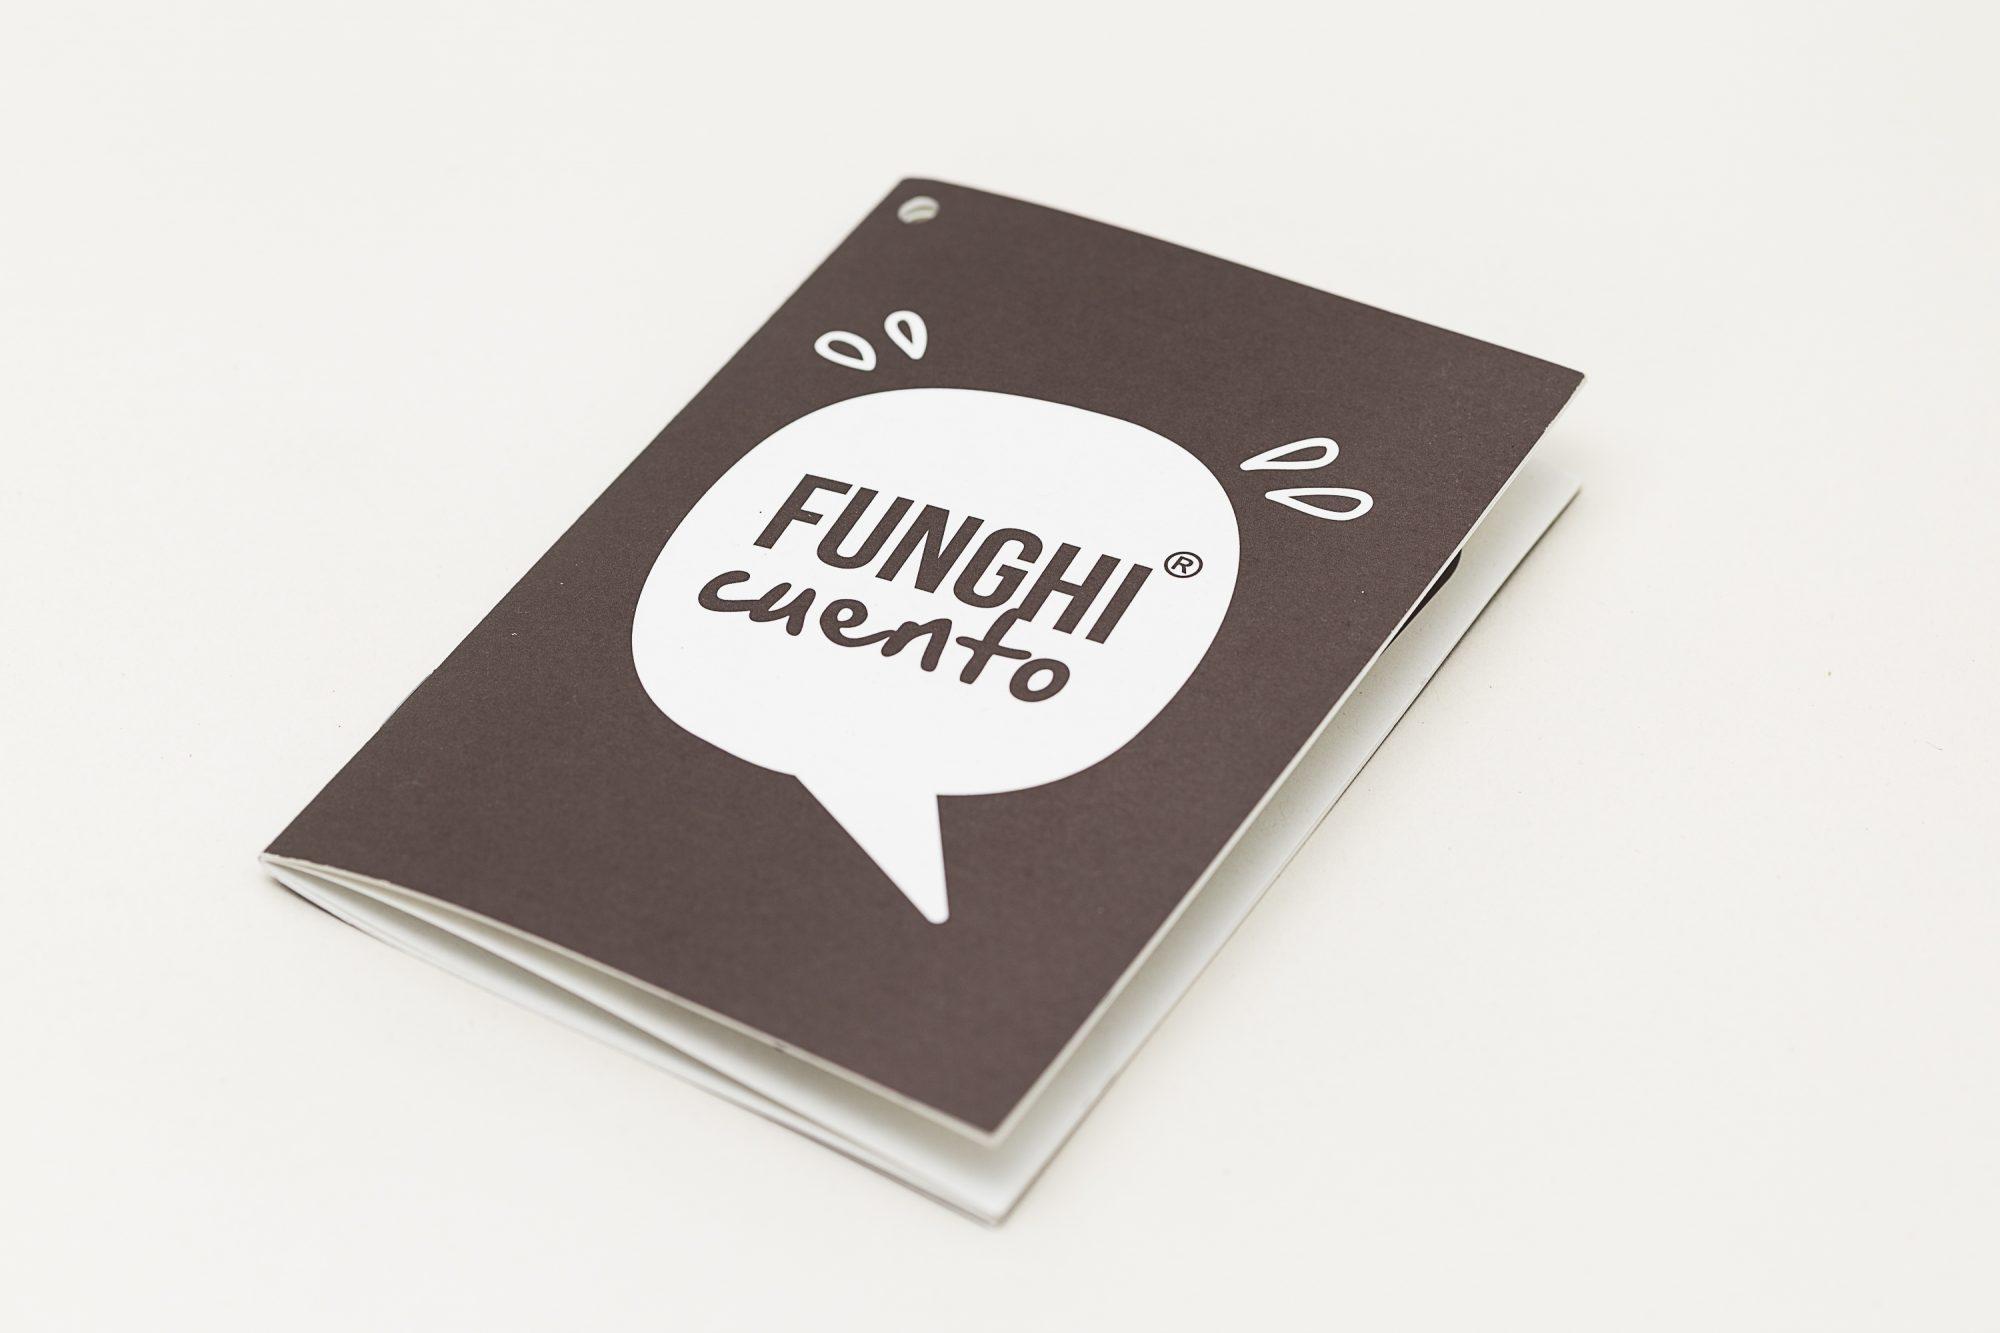 Funghipack